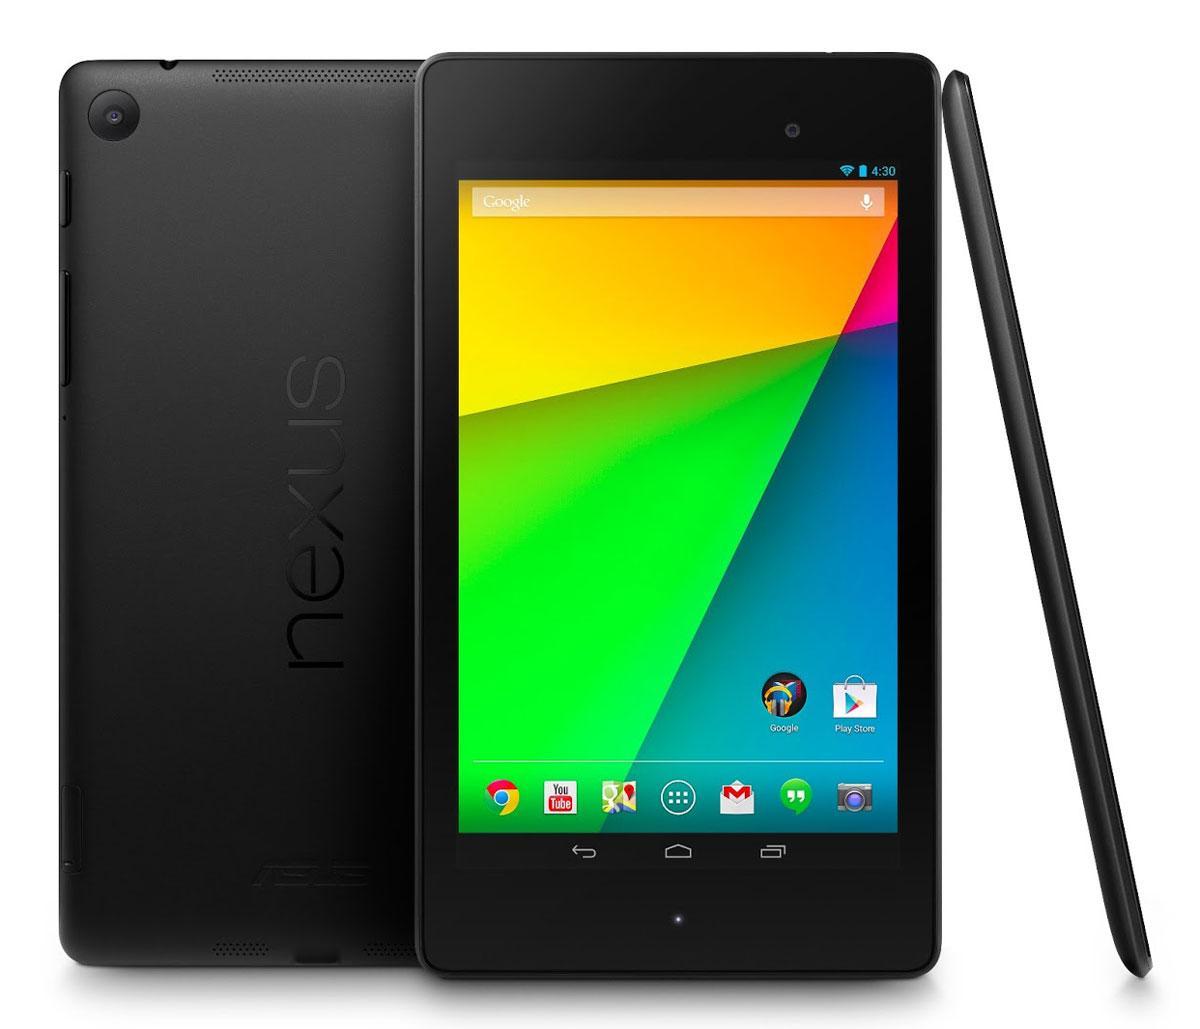 Nuevo Nexus 7 vista frontal, lateral y trasera